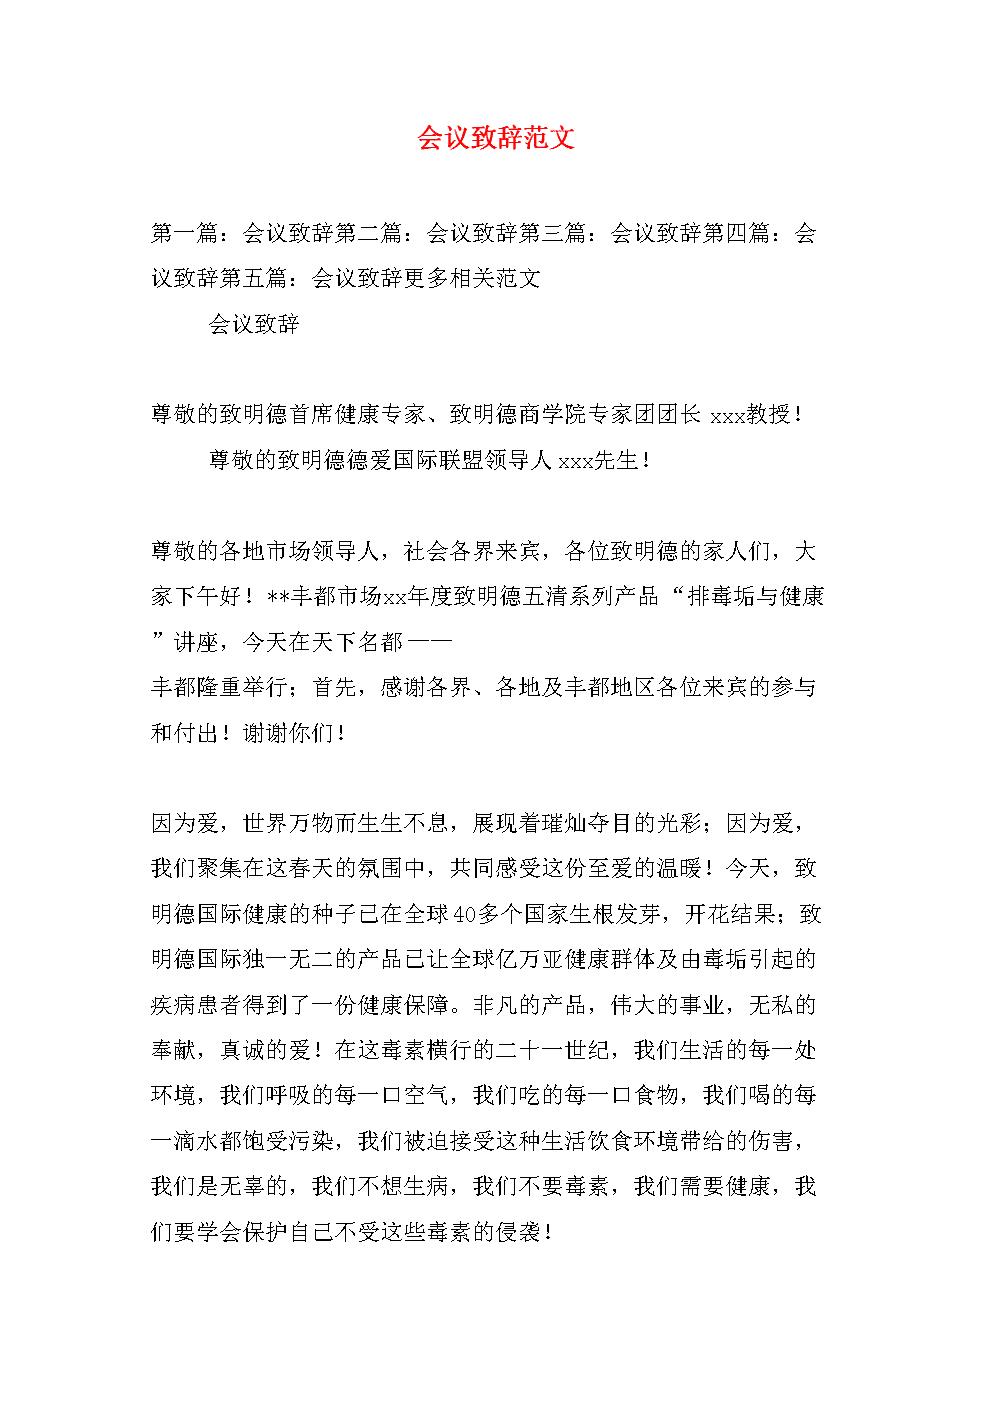 会议致辞范文.doc